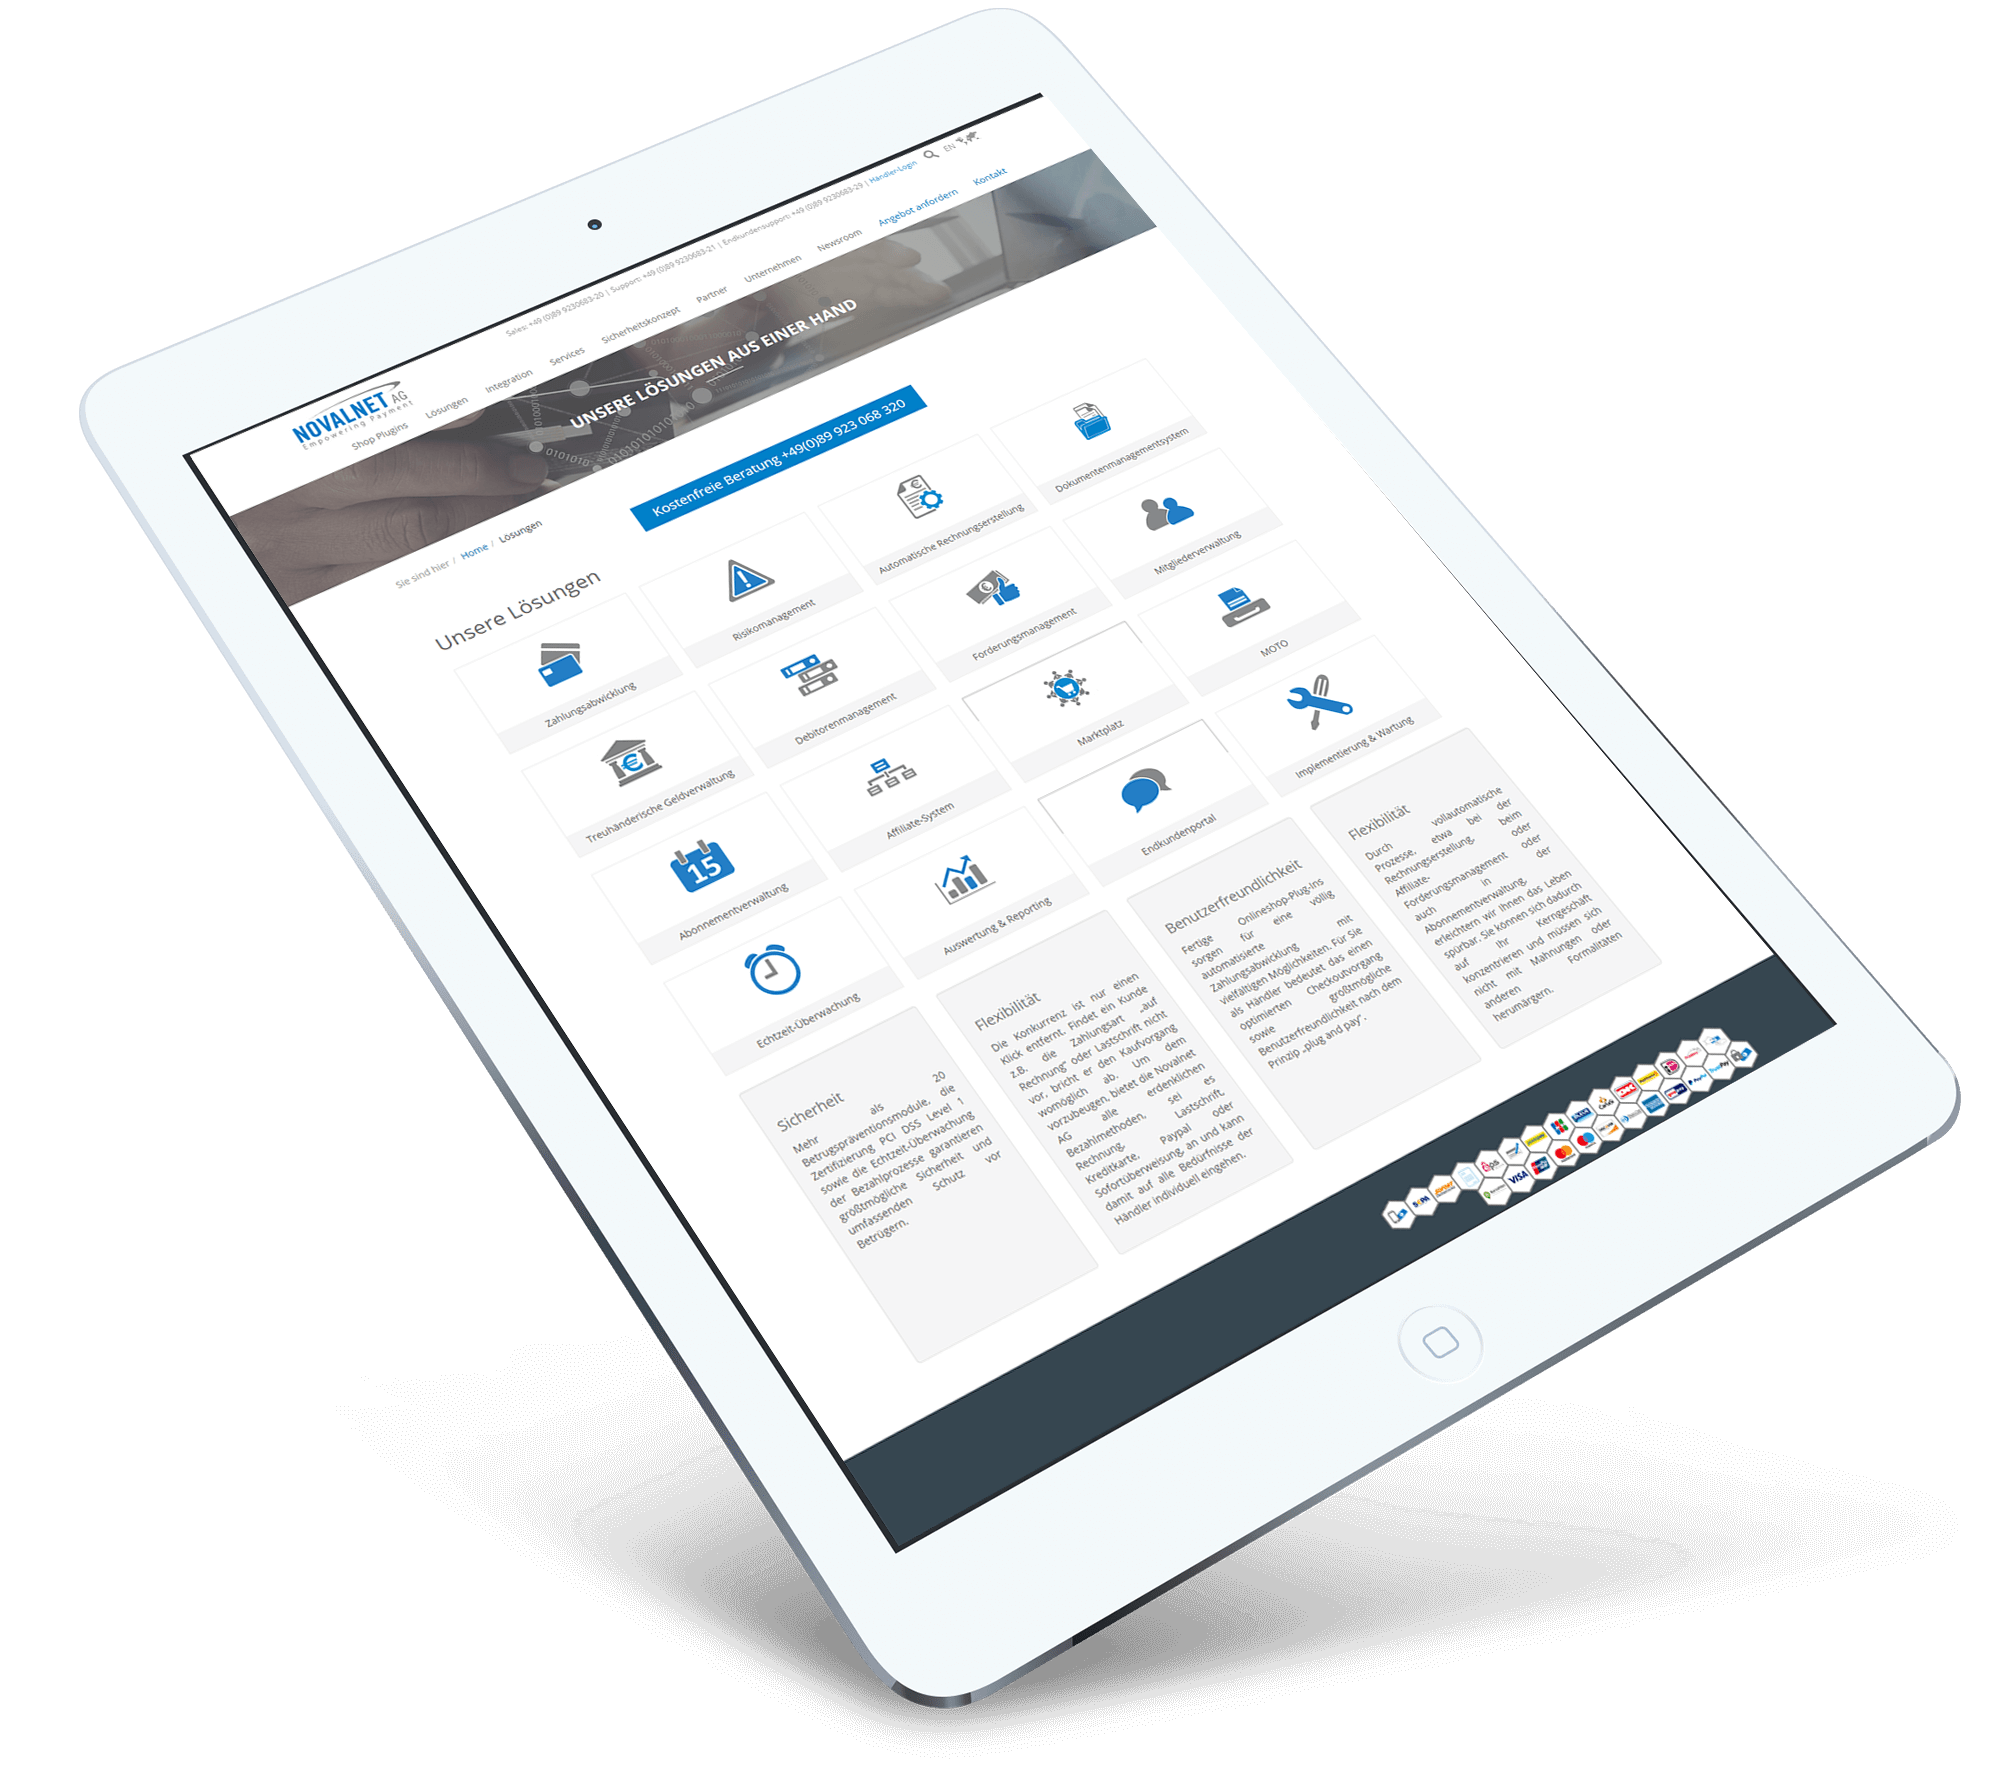 Novalnet_BrandCrock-portfolio-service-ipad